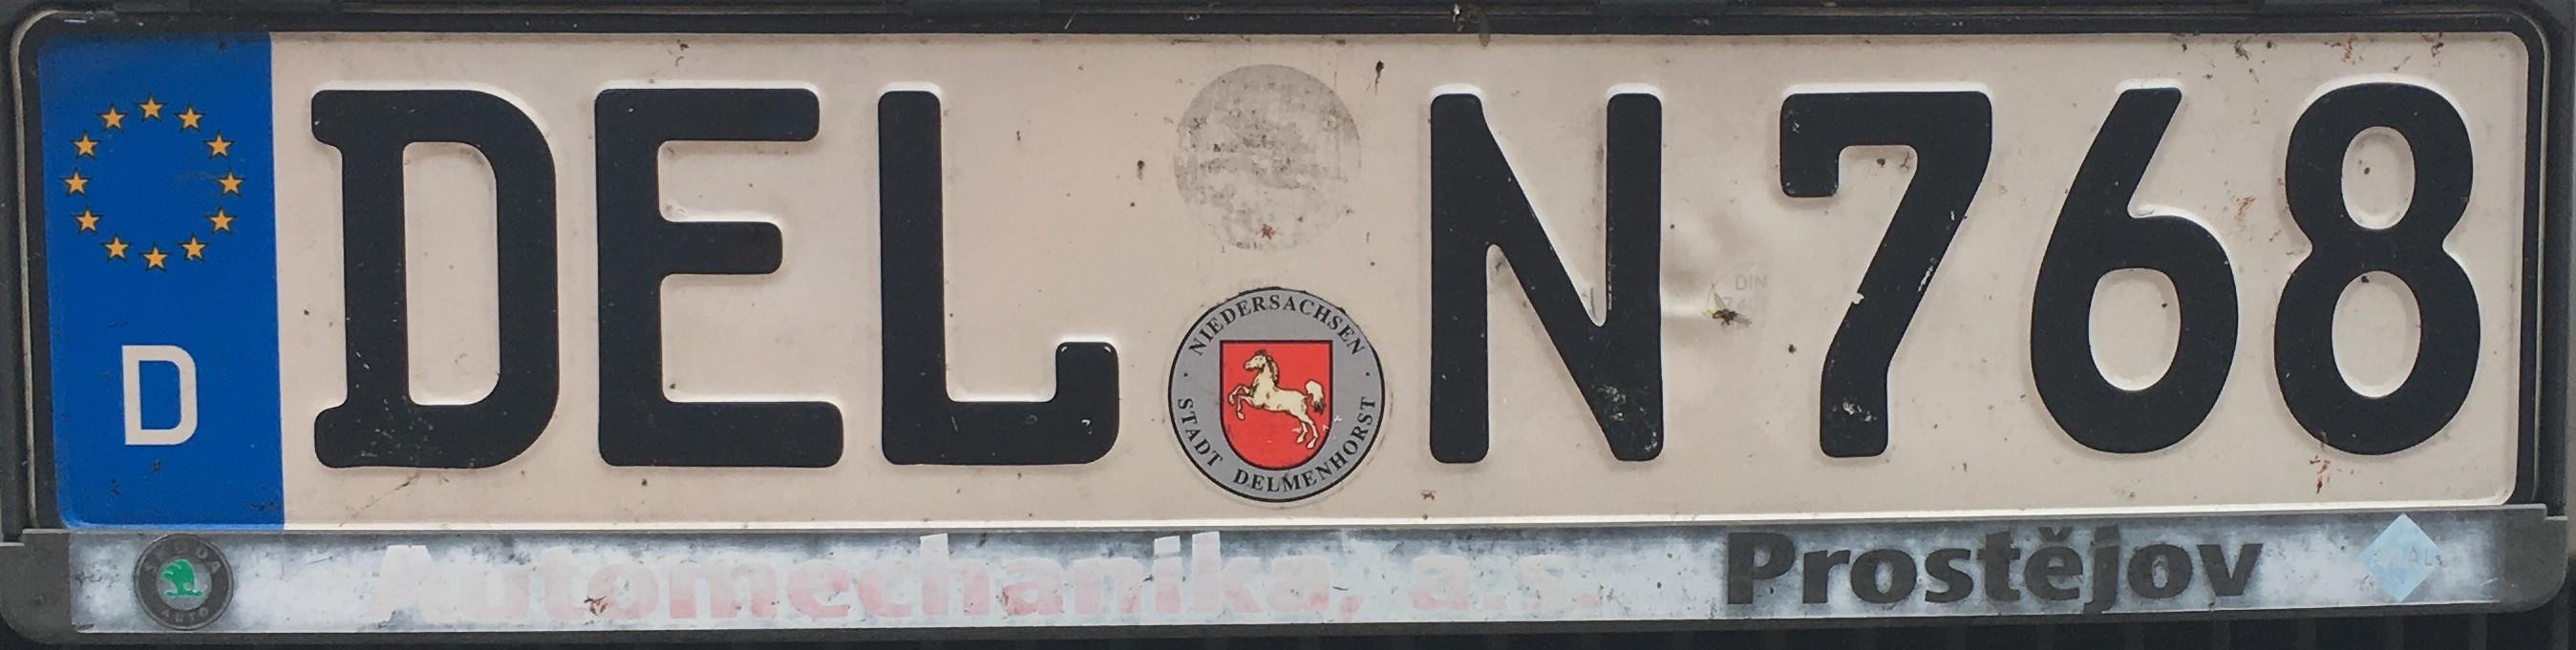 Registrační značka Německo - DEL - Delmenhorst, foto: vlastní